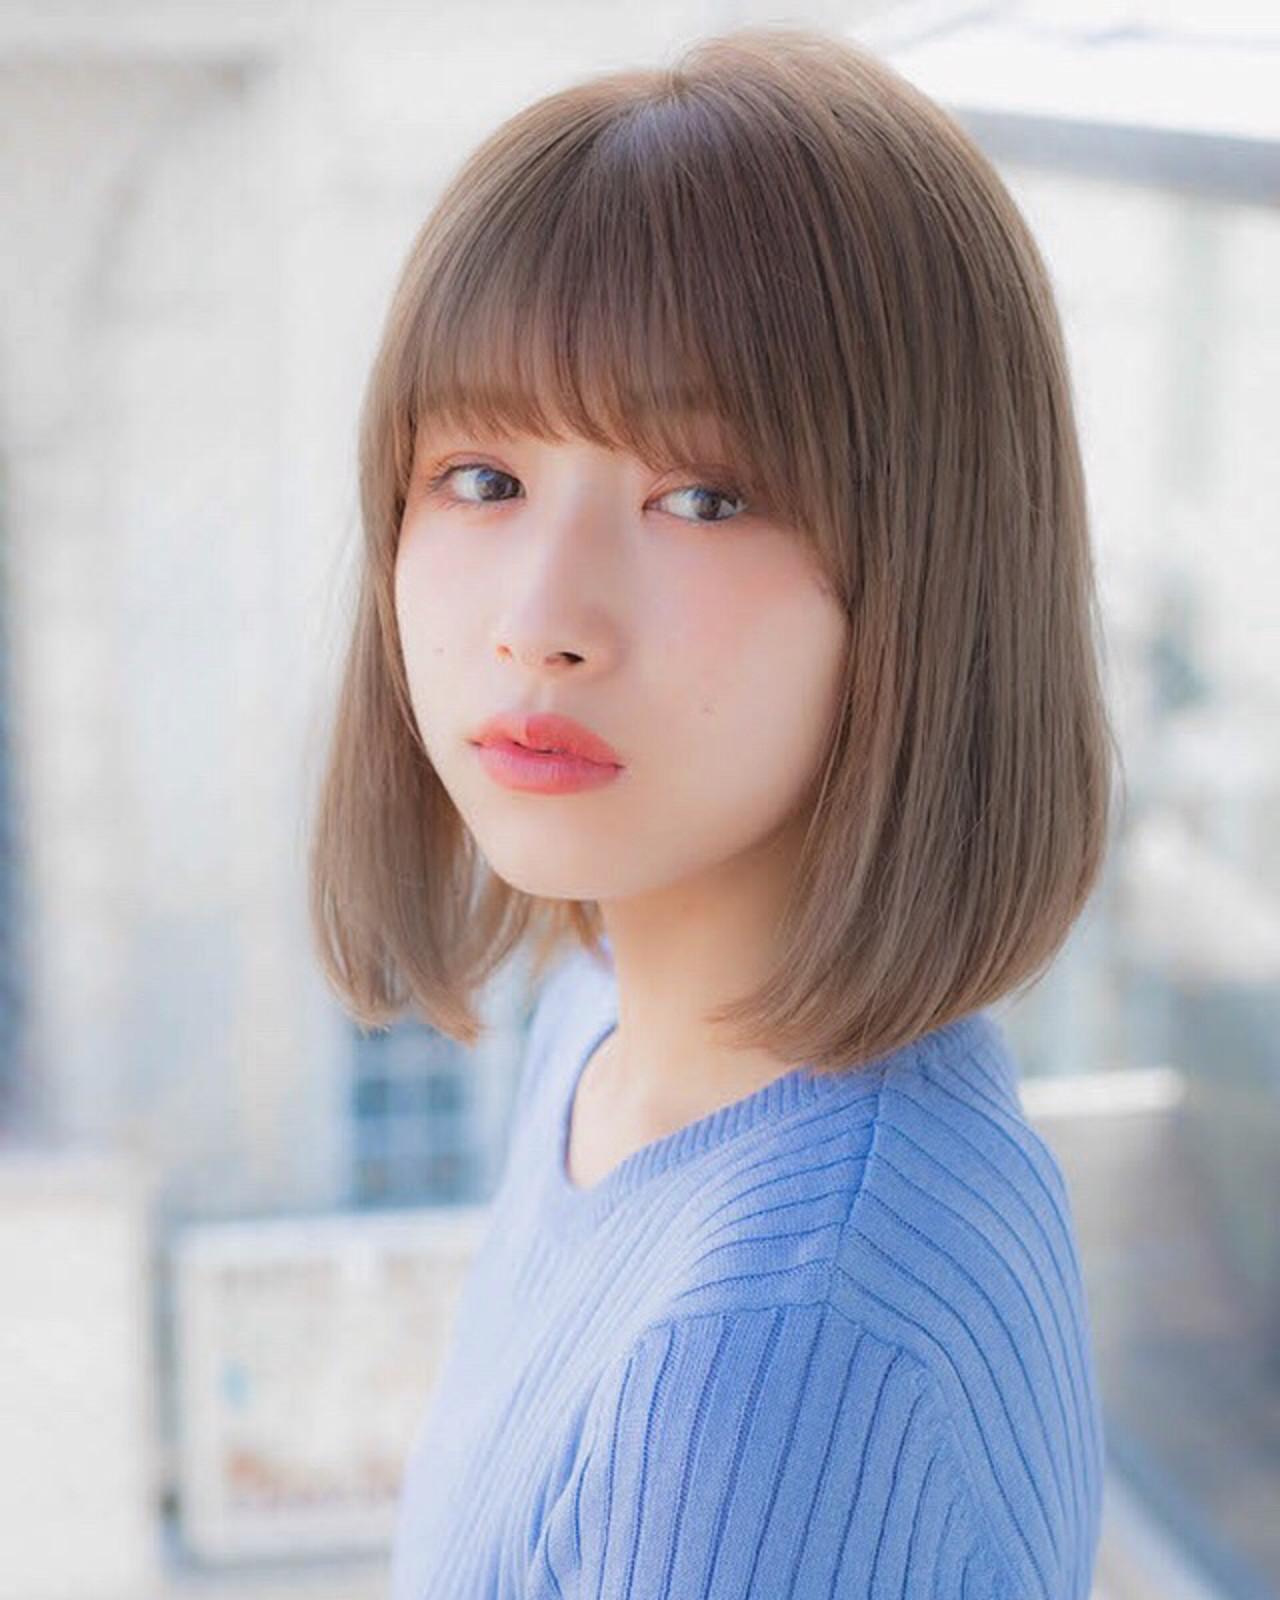 ボブヘア編 竹澤 優/relian銀座Top stylist